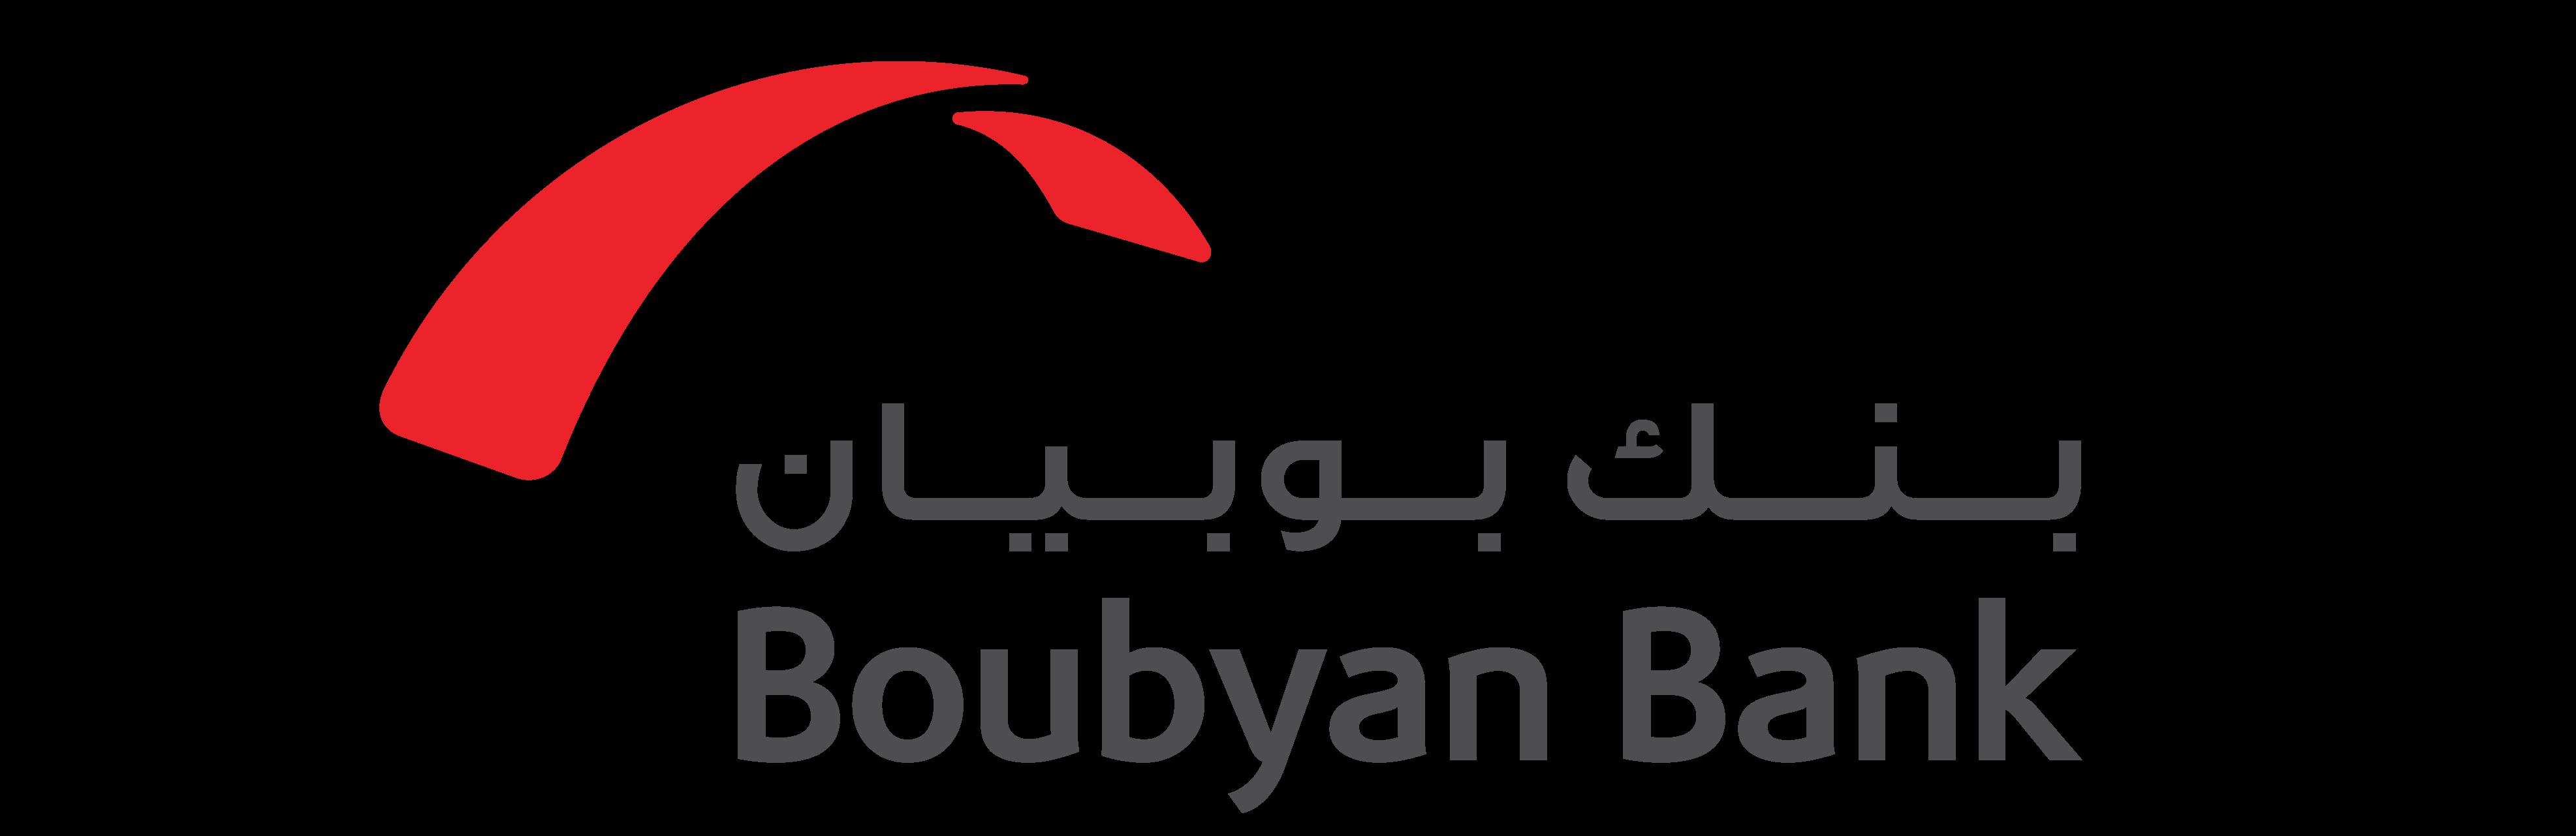 logo boubyan bank